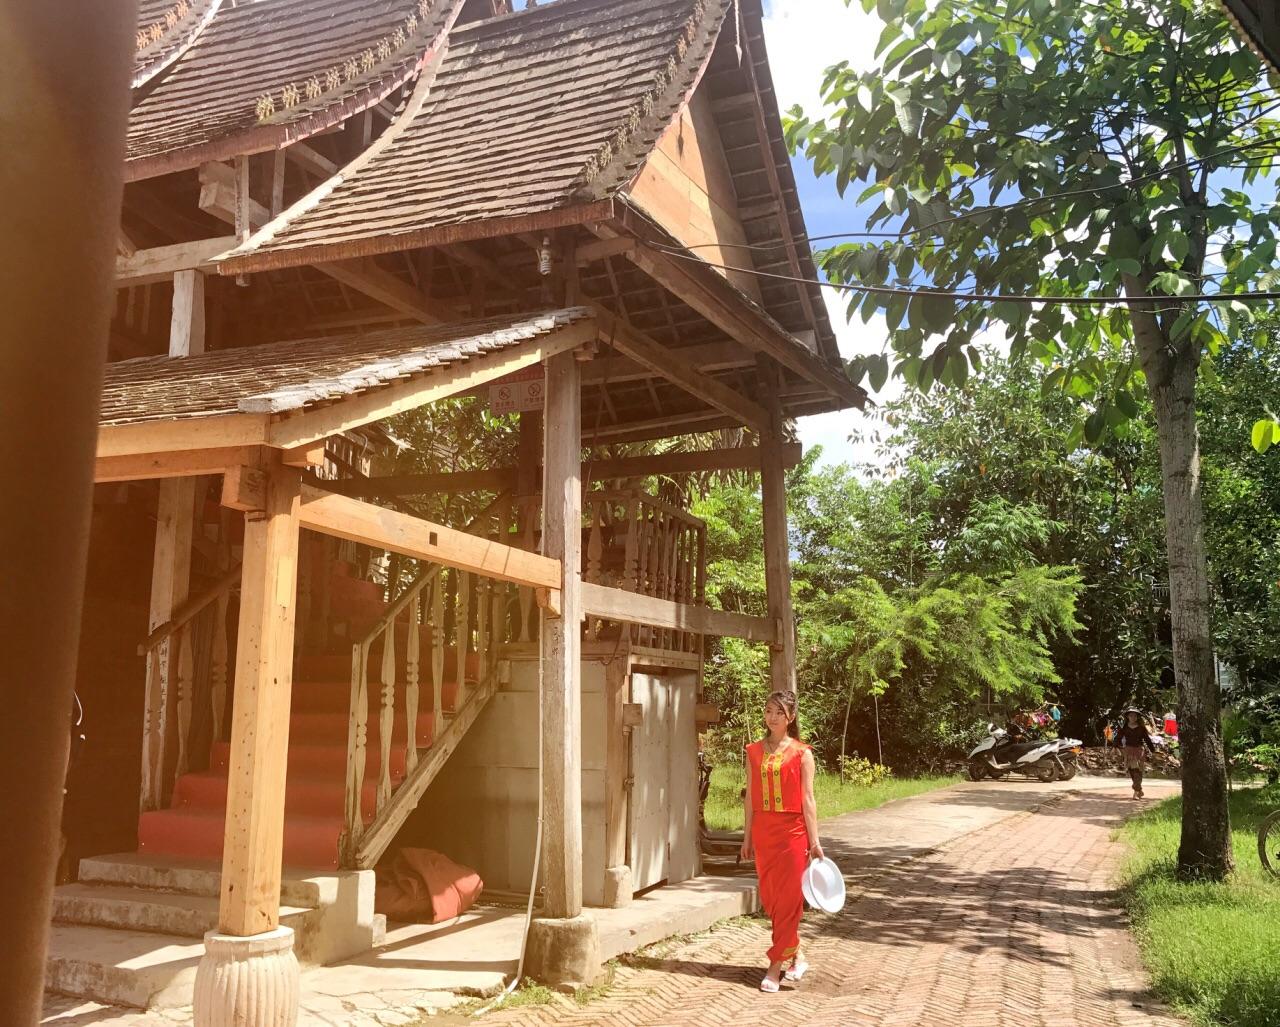 在这里你可以从傣家民居到风土人情深刻感受傣族文化.图片